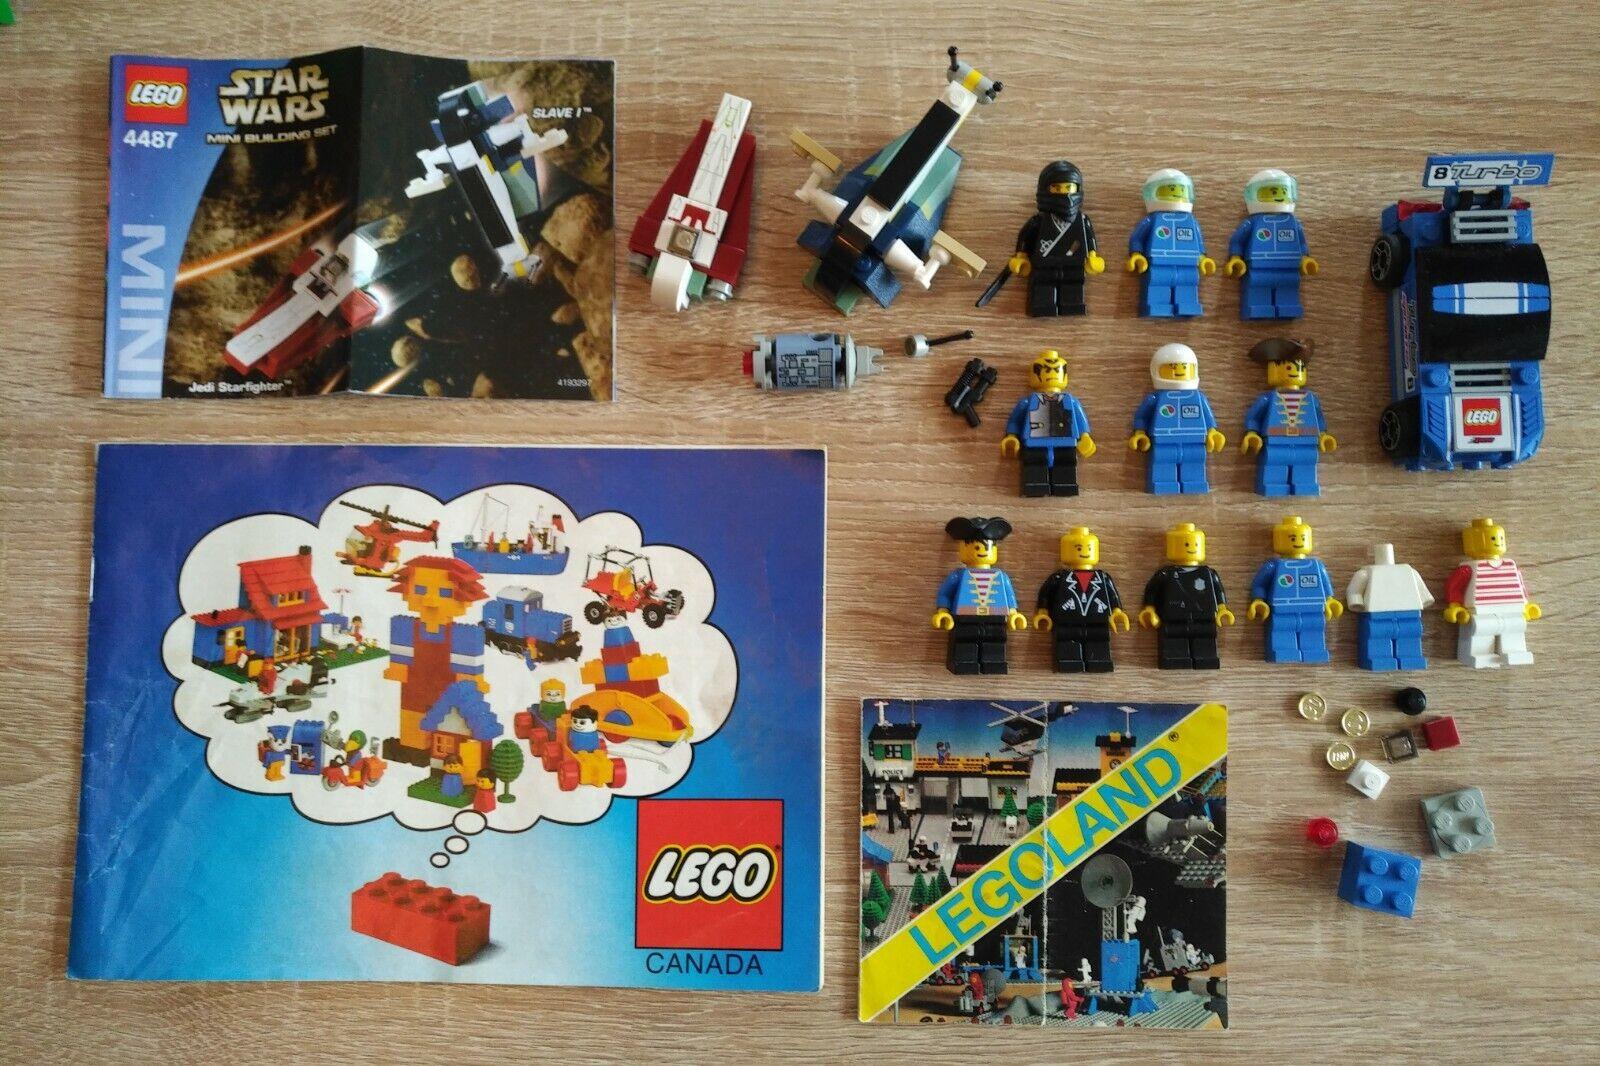 Lego Minifigure Lot  Plus Extras  Star Wars Set 4487, Vintage Pamphlets, Ninja..